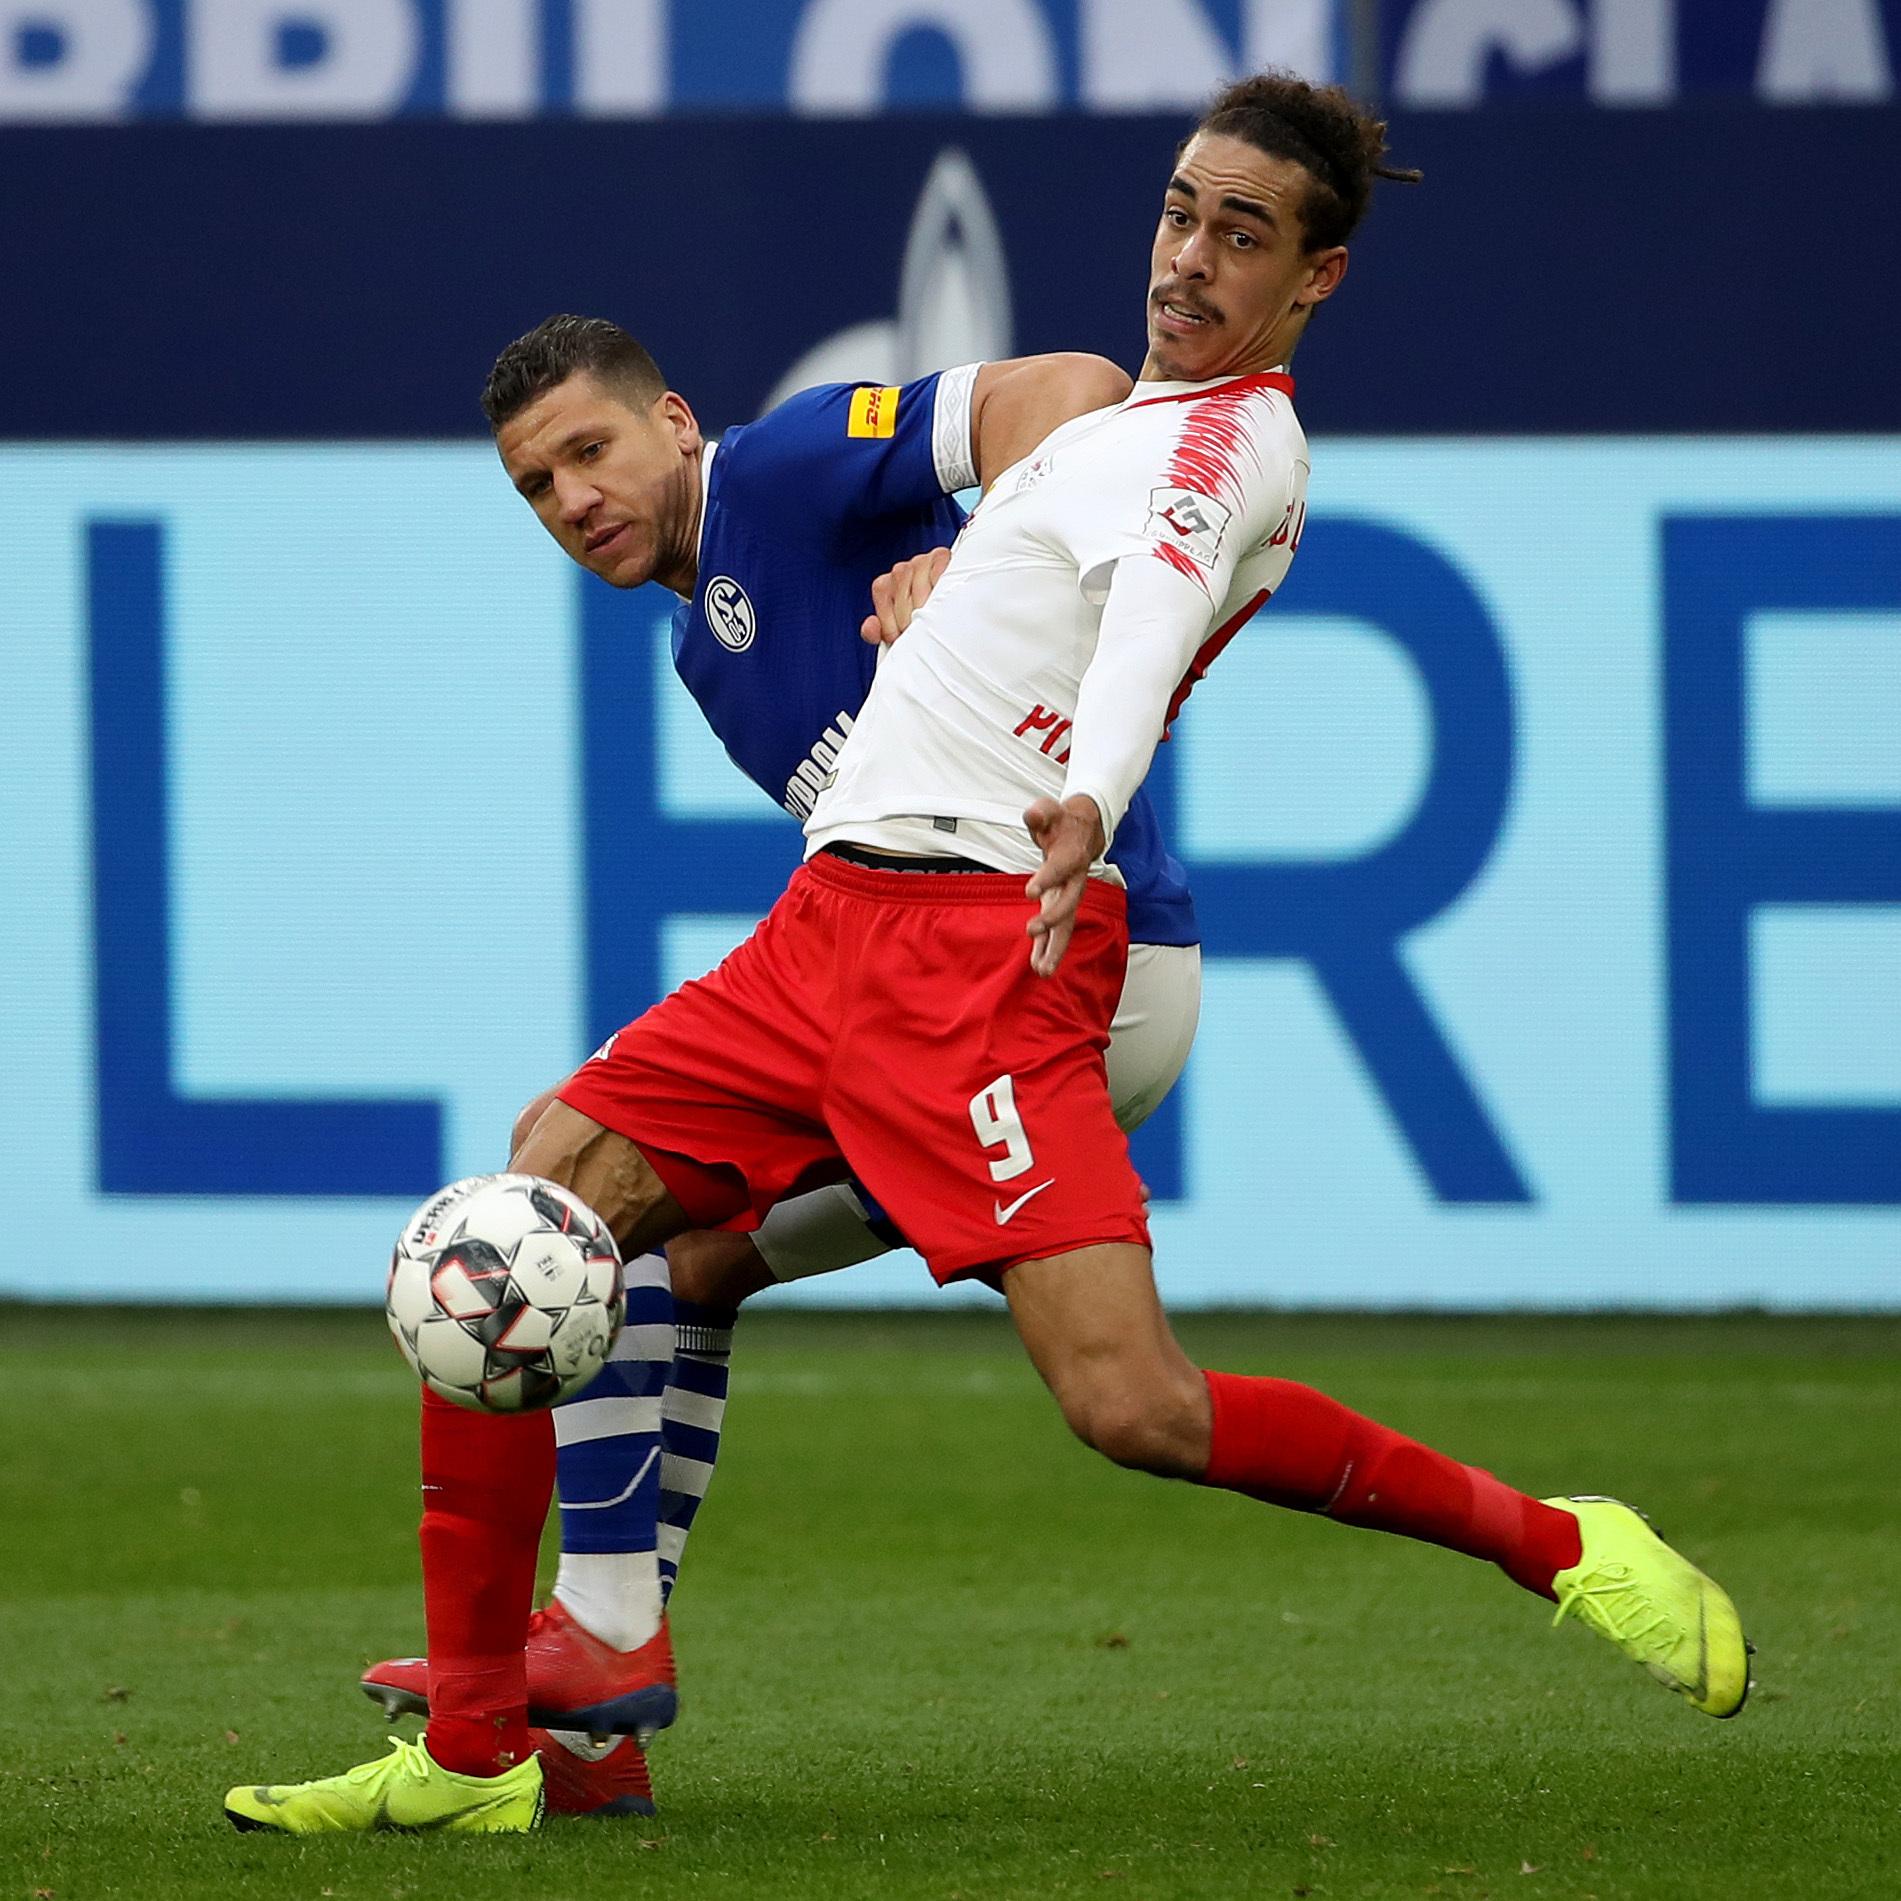 足球——德甲:莱比锡胜沙尔克04_比赛 体育新闻 第3张